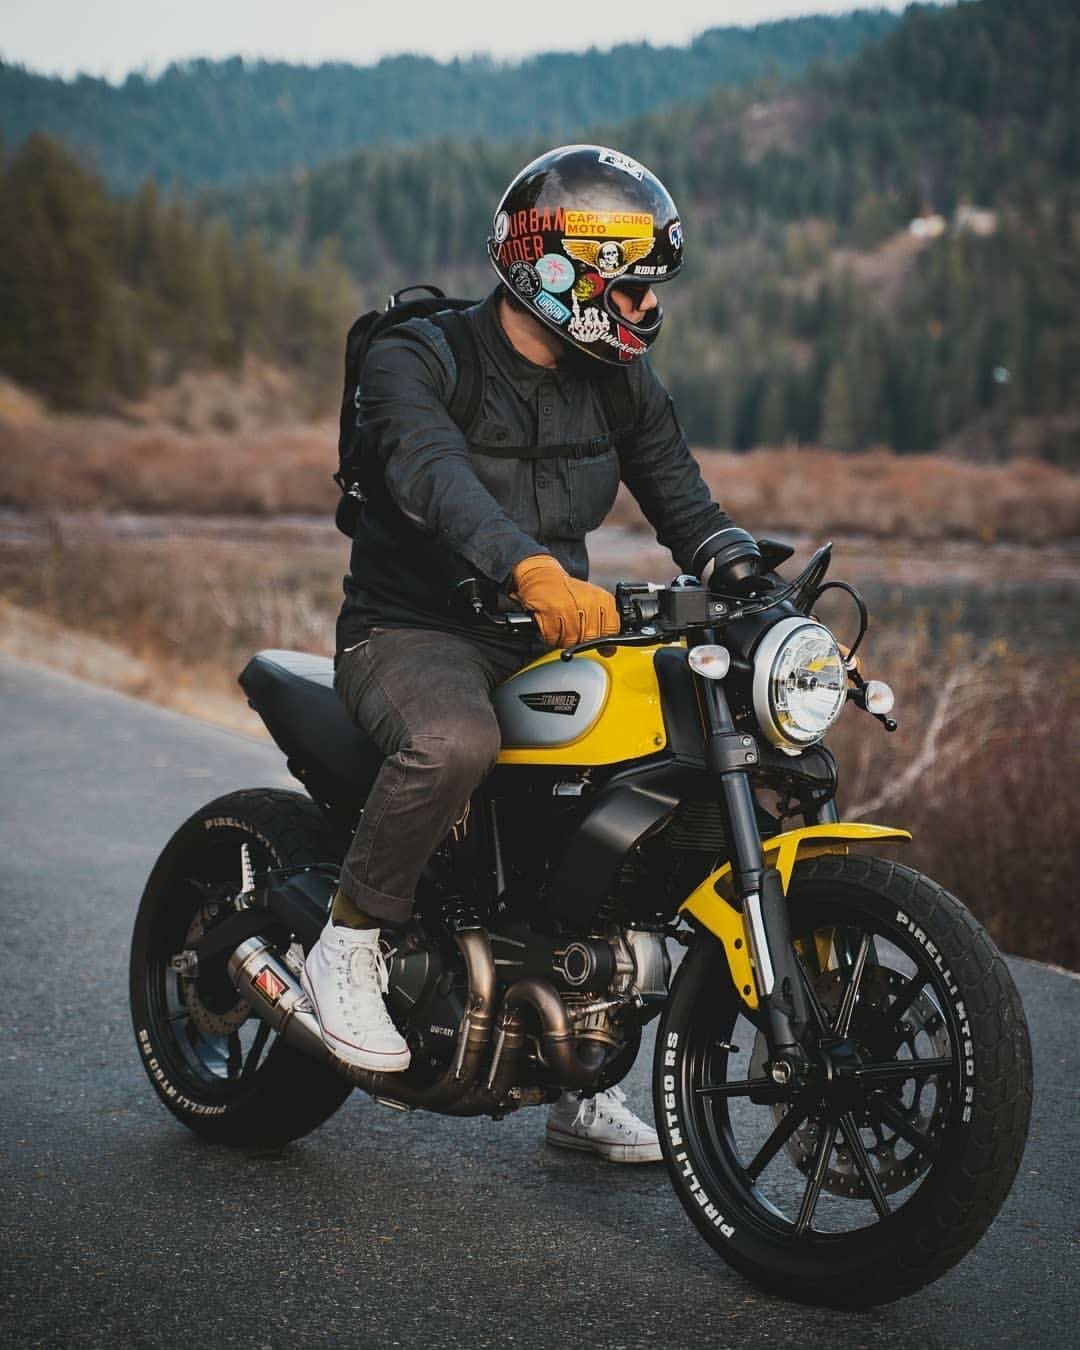 man riding yellow motorcycle